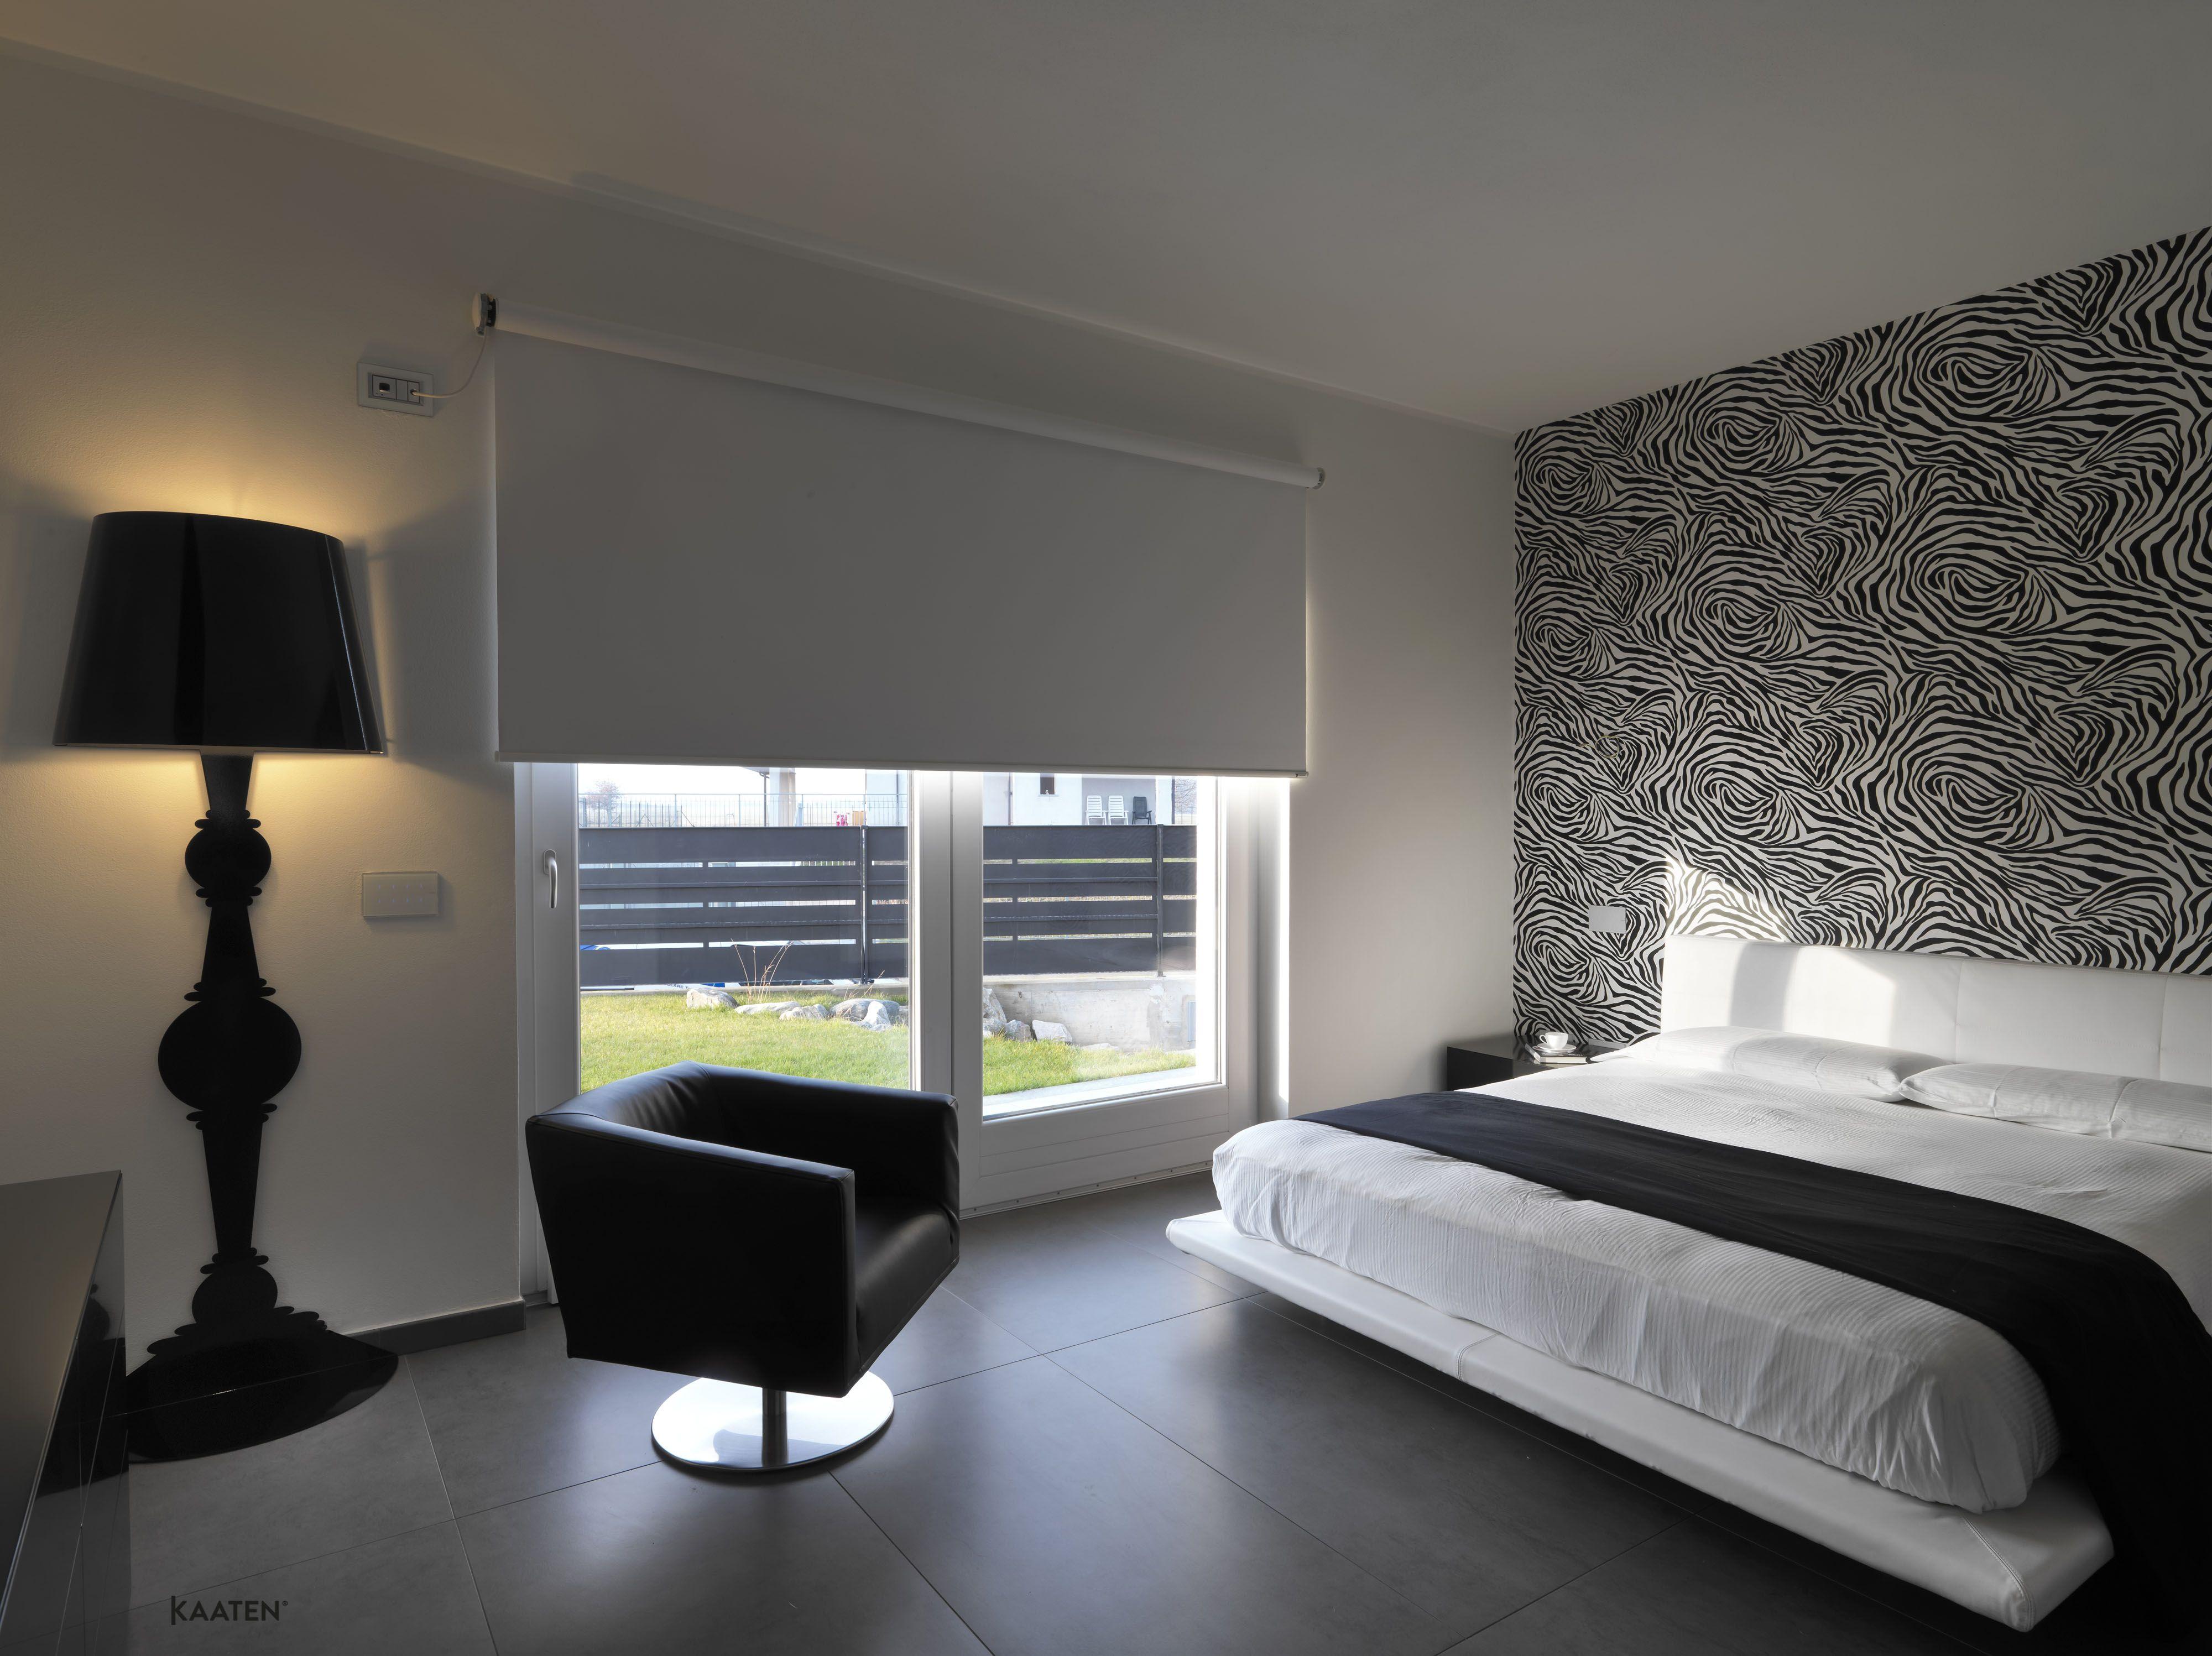 dormitorio moderno decoracion via planreforma sillones camas cabecero de